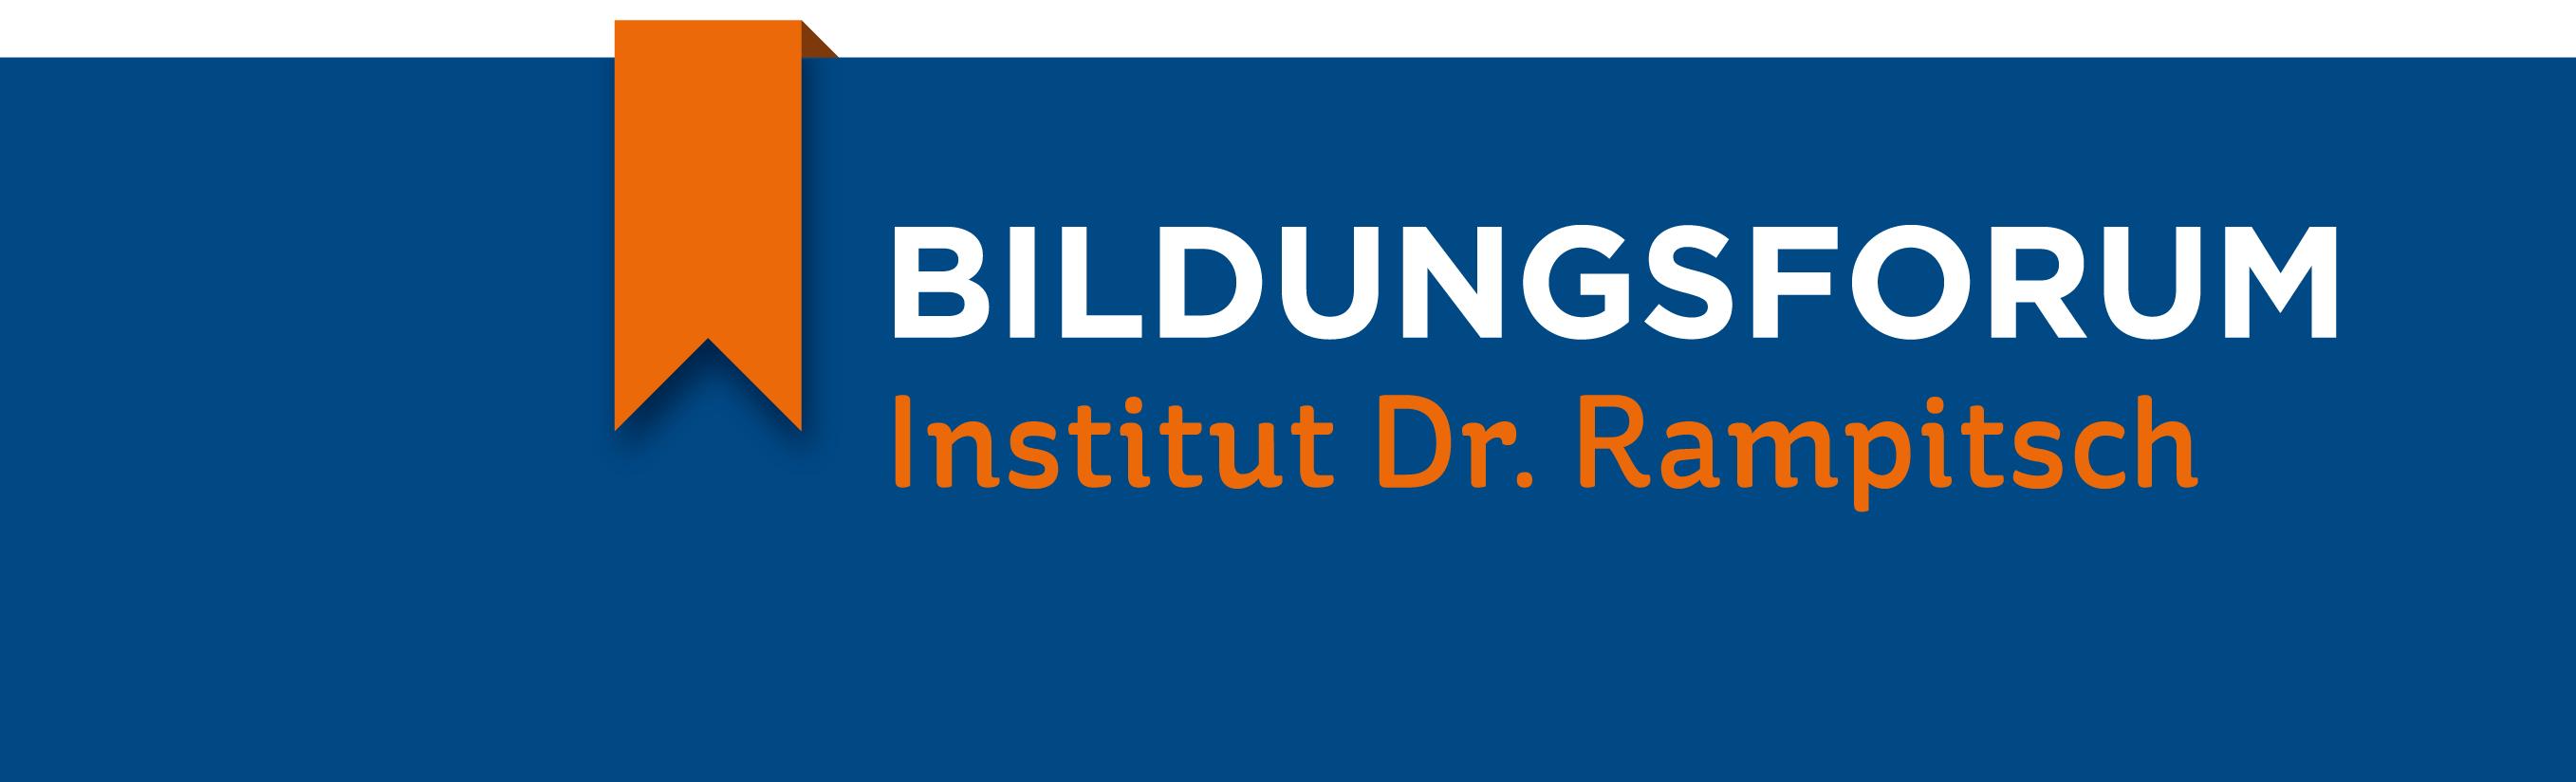 MERA Bildungsholding GmbH (Bildungsforum)